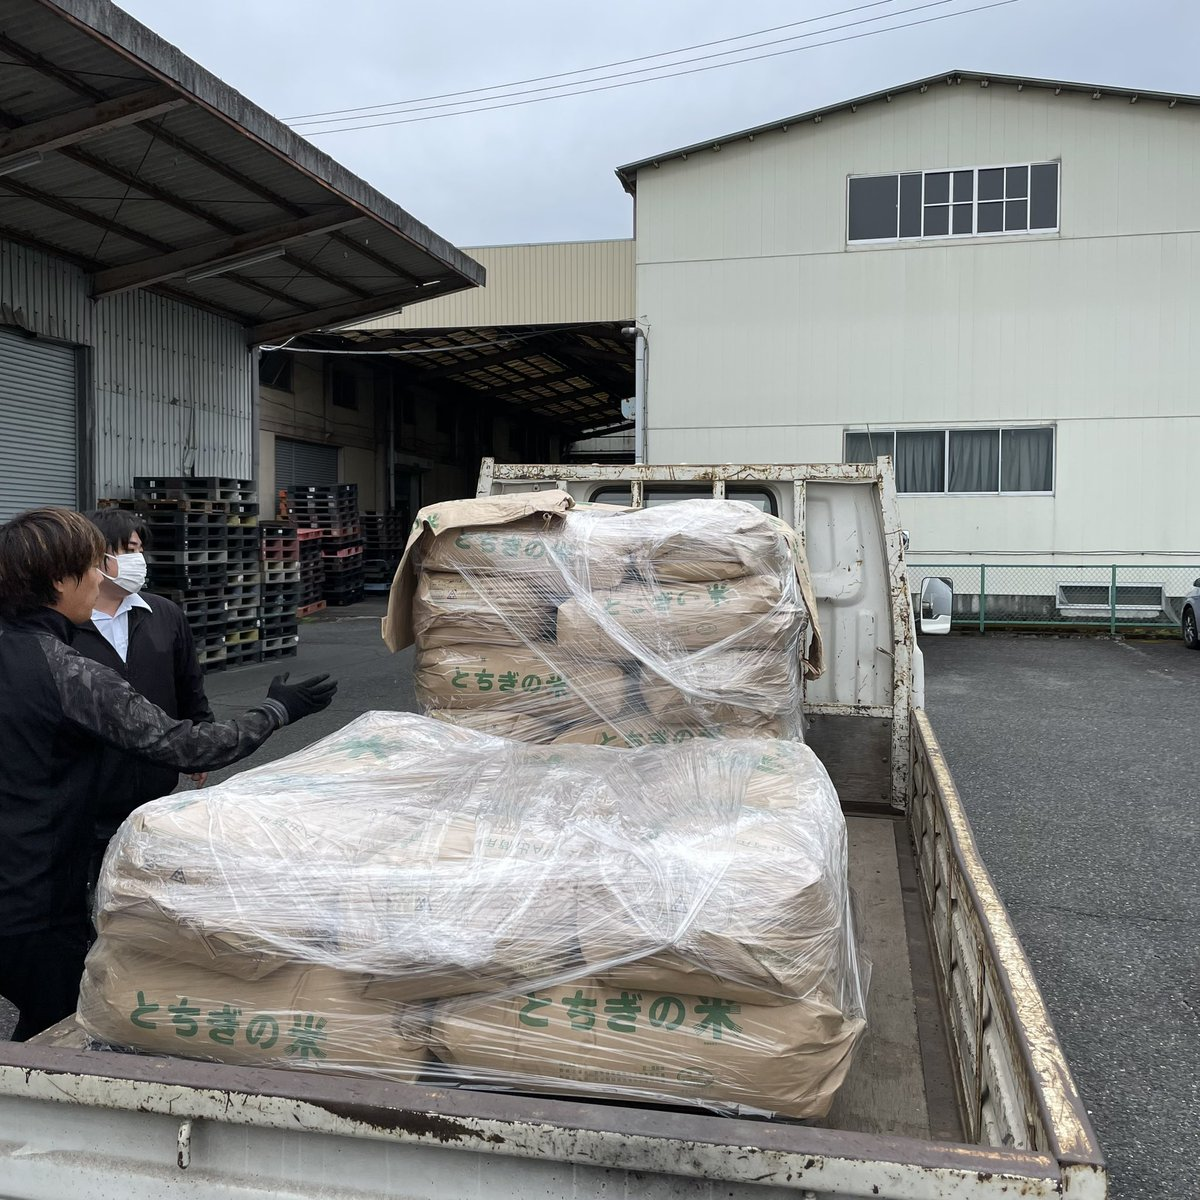 test ツイッターメディア - 【日本酒プロジェクト】 おはようございます!  本日は山田錦の納品で島崎酒造さんにきています☆ いよいよ醸造がはじまります(^^) https://t.co/9I98N7RCk3